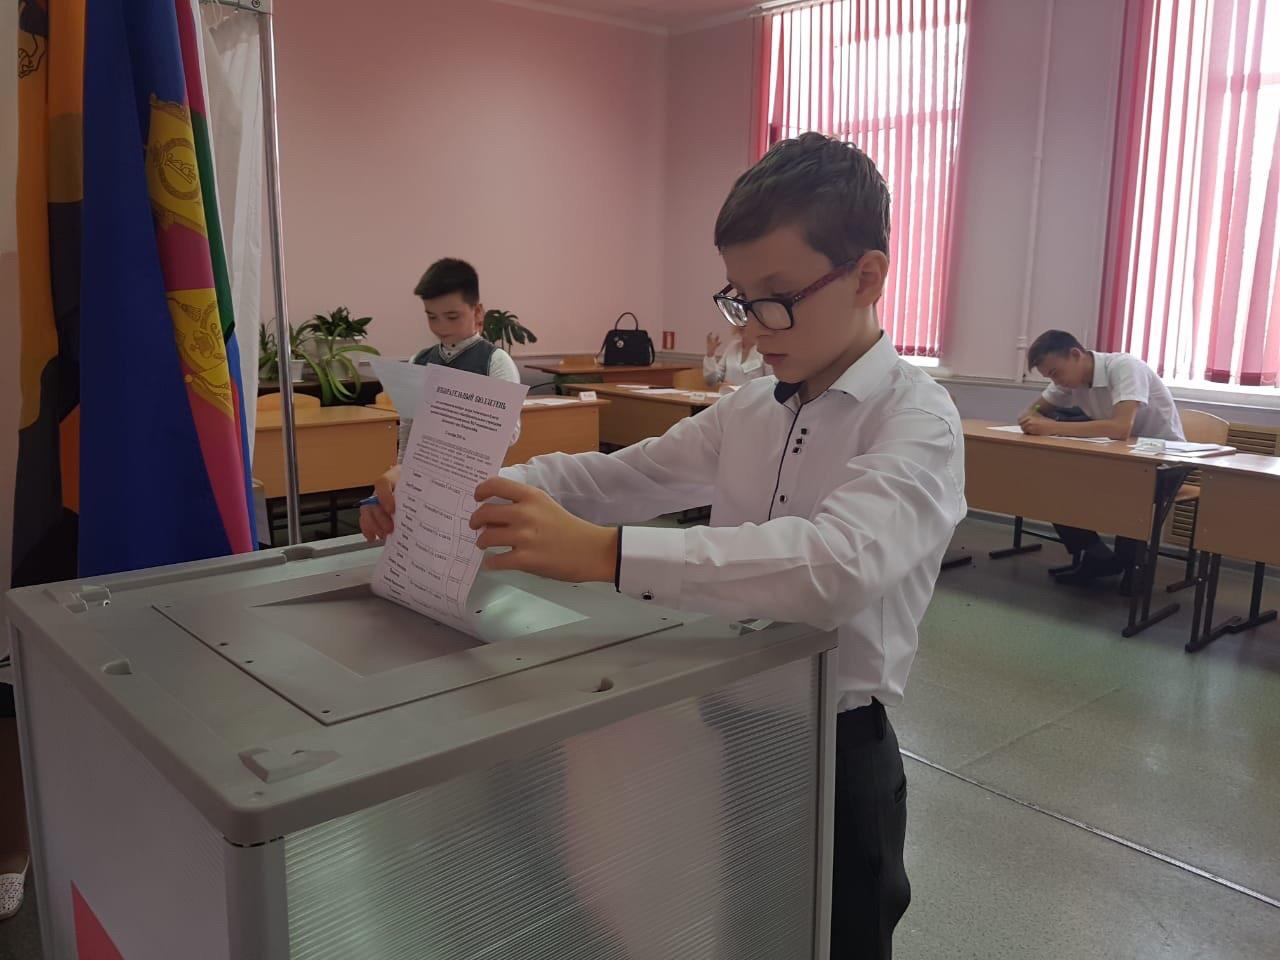 21 октября завершились выборы ученического самоуправления в МО Новороссийск